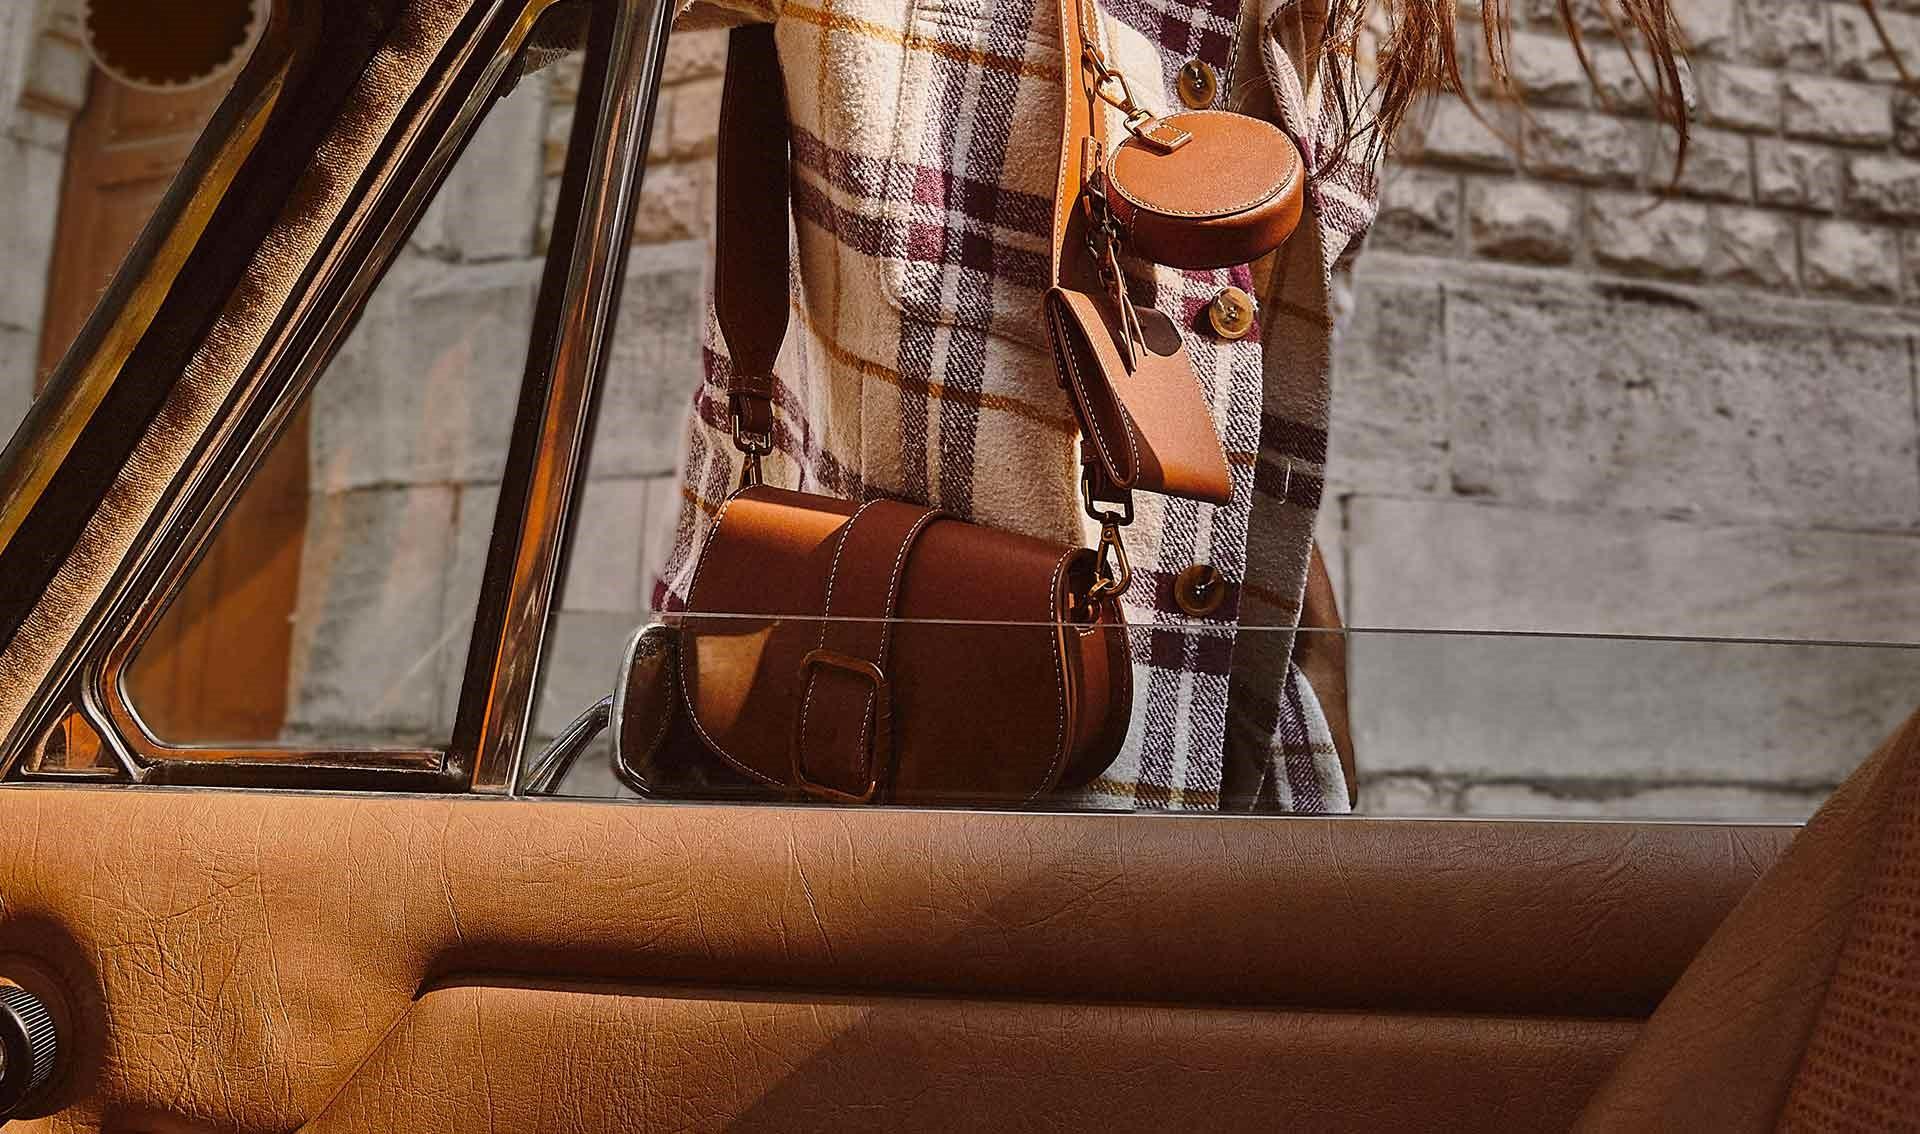 una mujer morena lleva una camisa a cuadros Ba&sh y una bolsa Teddy, modelo icónico bash, nueva colección bolsas